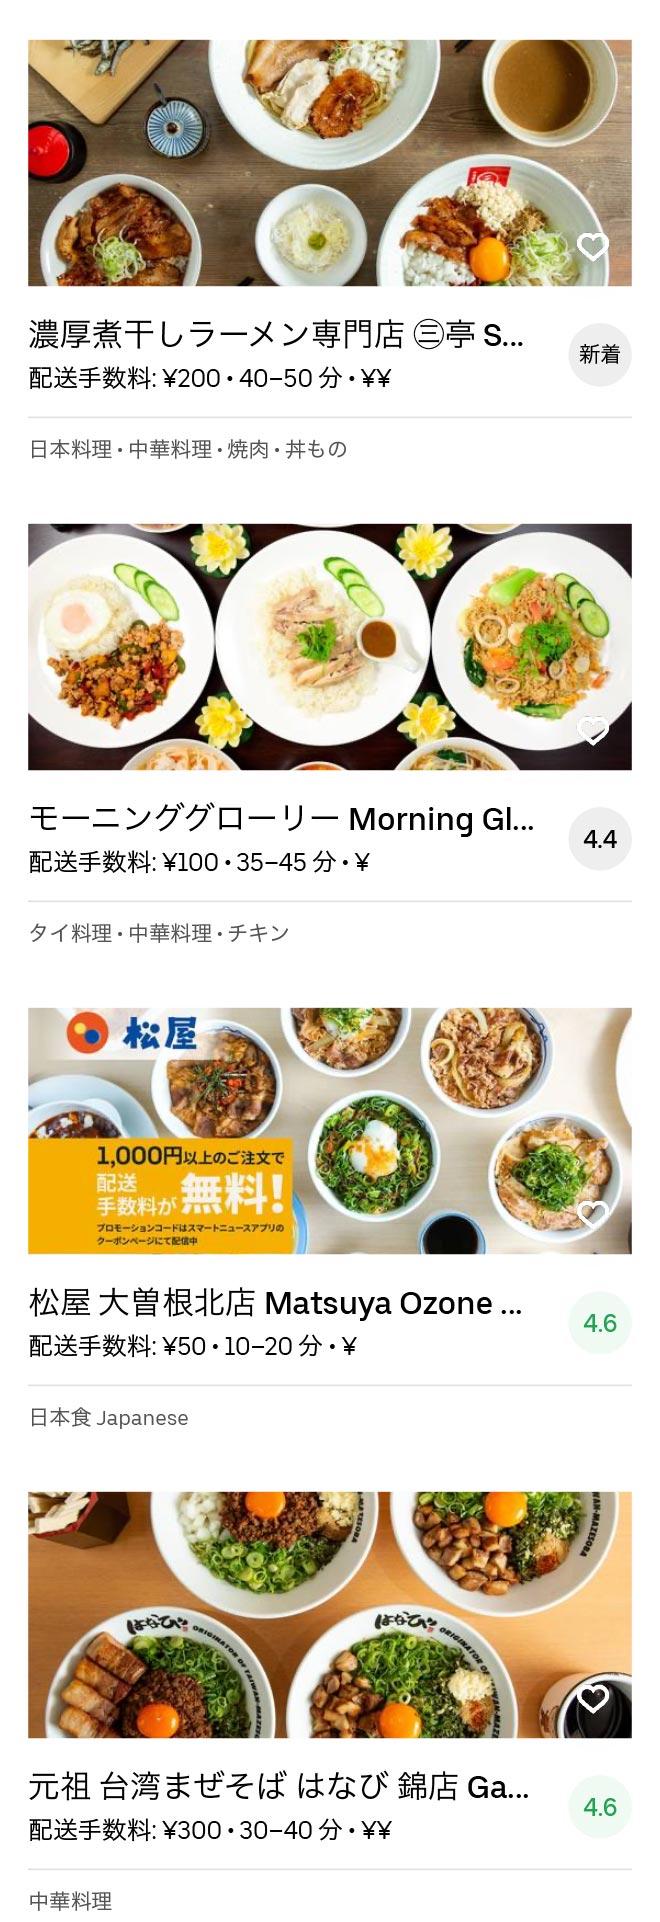 Nagoya ozone menu 2005 04